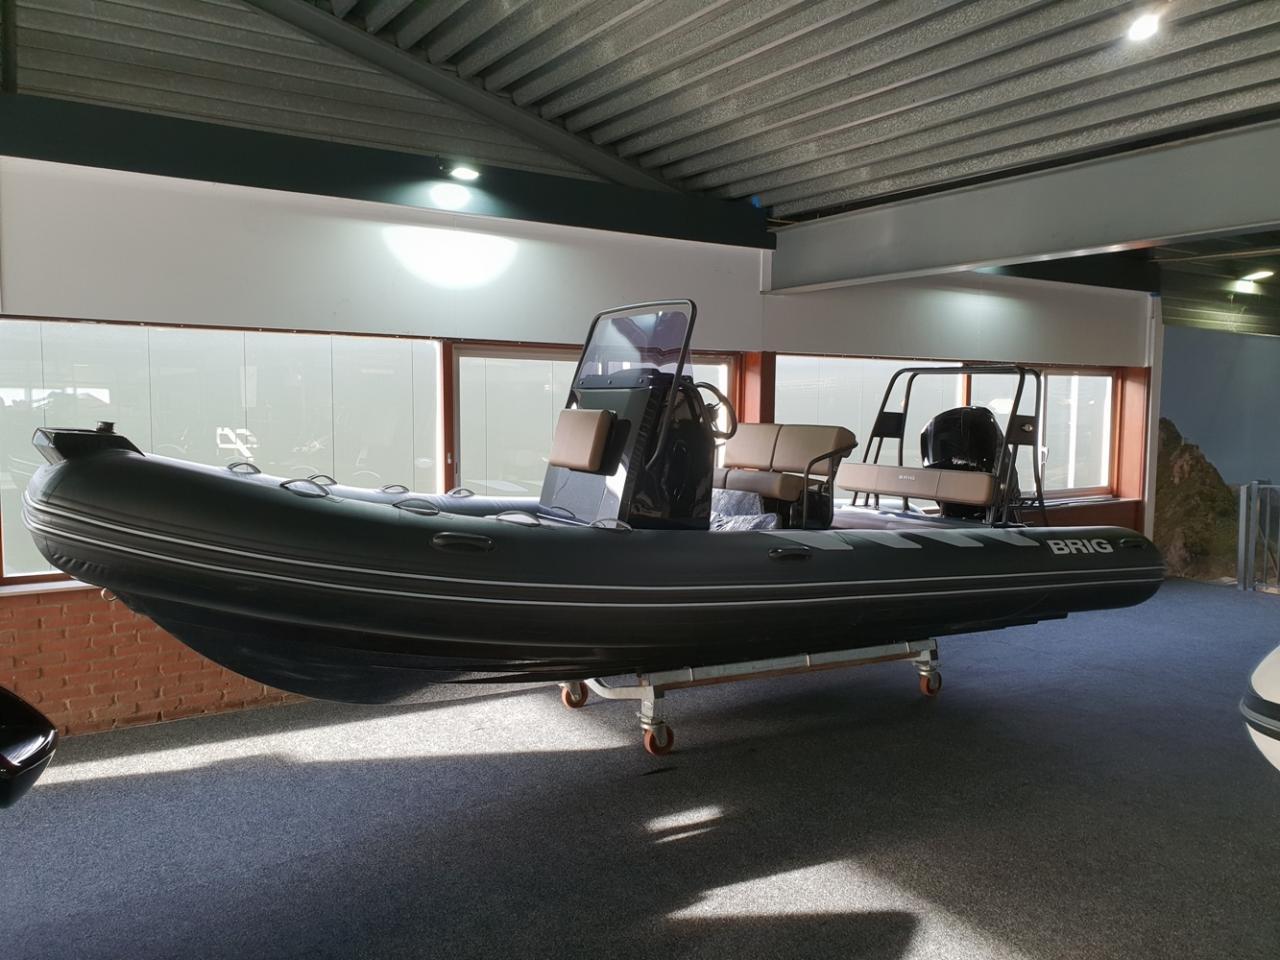 Brig 610 navigator met Mercury 150 pk 2